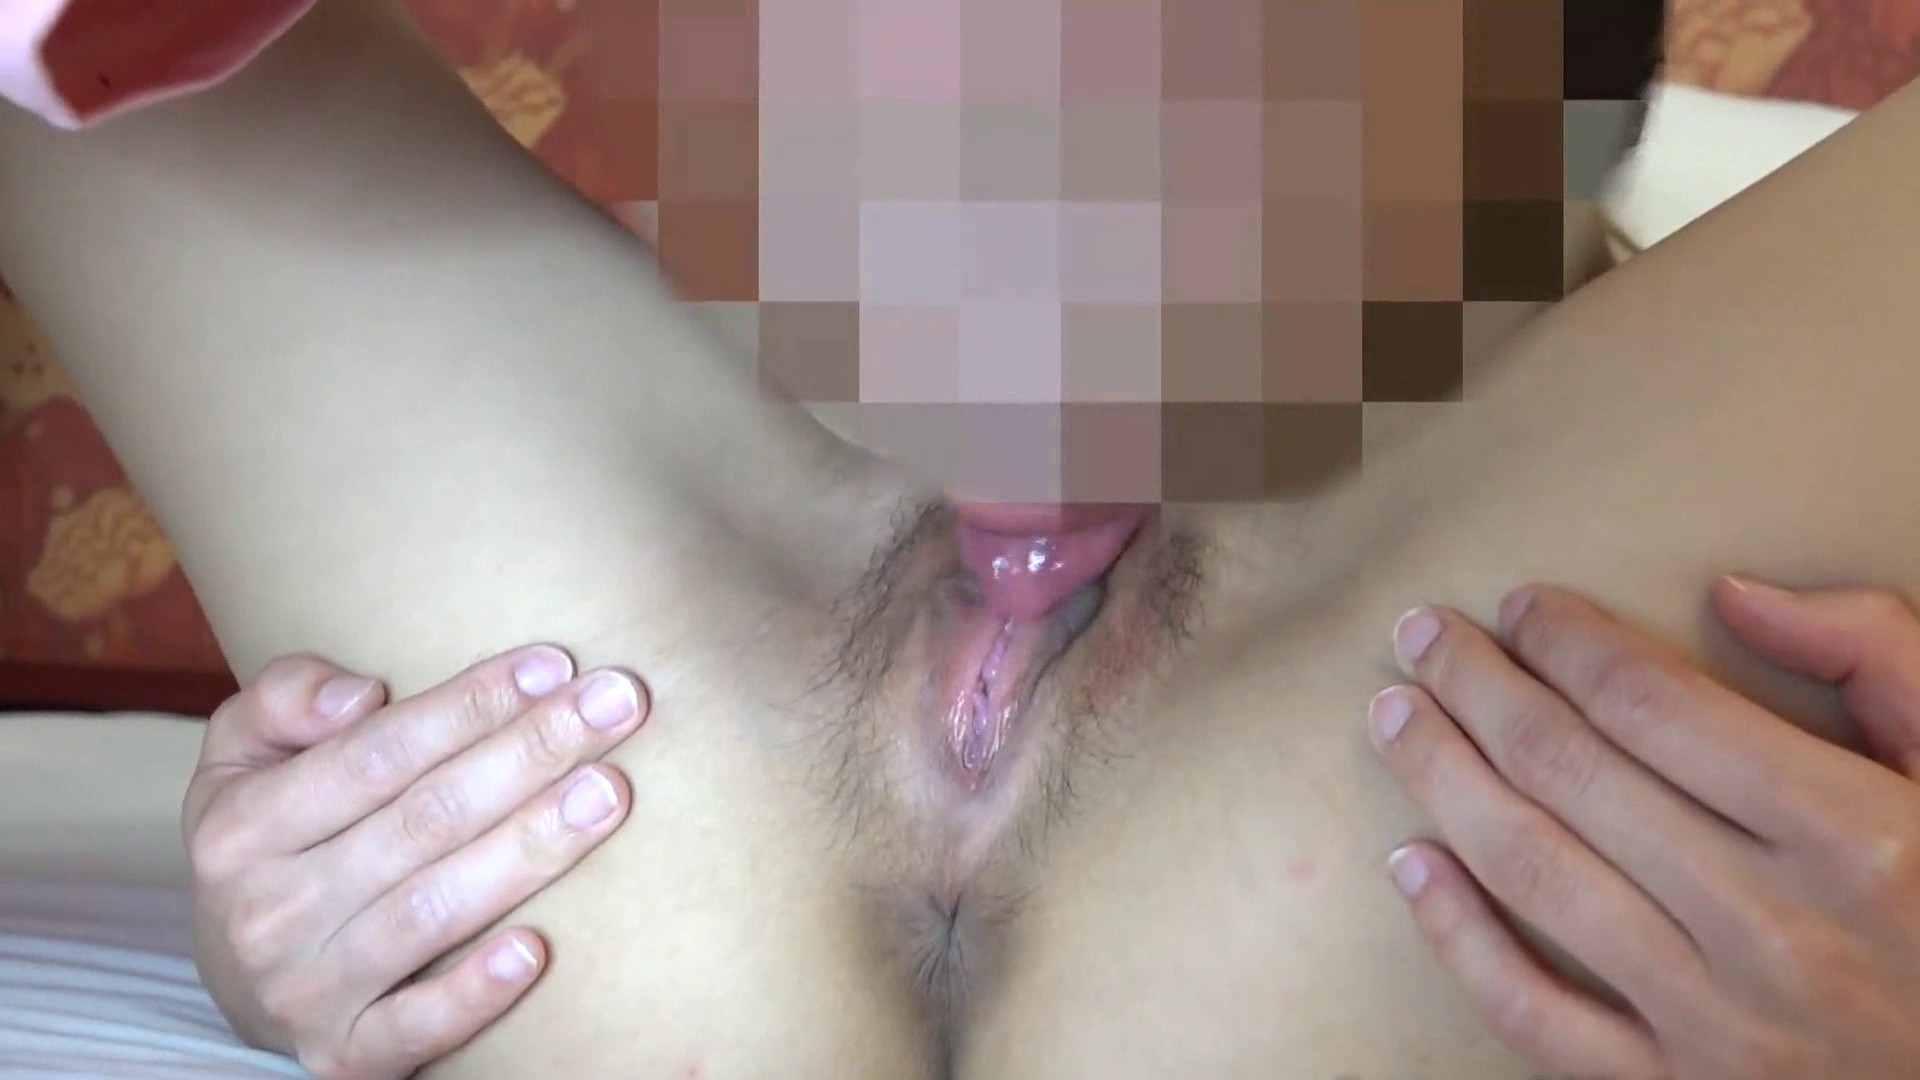 素人S級美女特選!小悪魔ギャル噂のビッチガールVol.40 前編 素人 | 流出作品  81画像 38